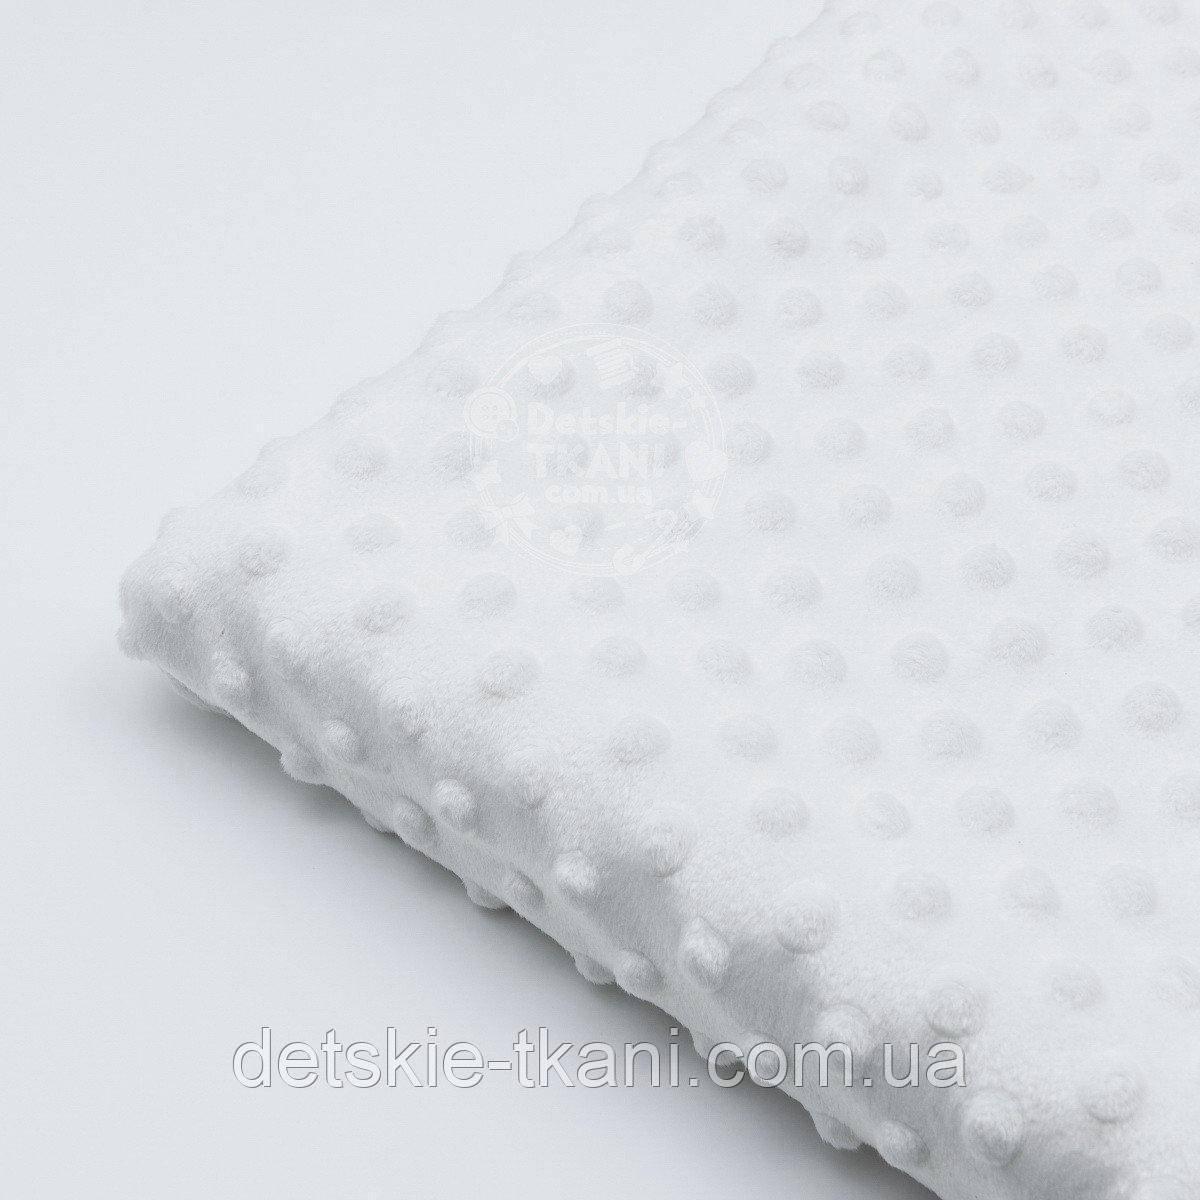 Лоскут плюша minky М-13 ,размером 80*100 см цвета слоновой кости (есть загрязнение)